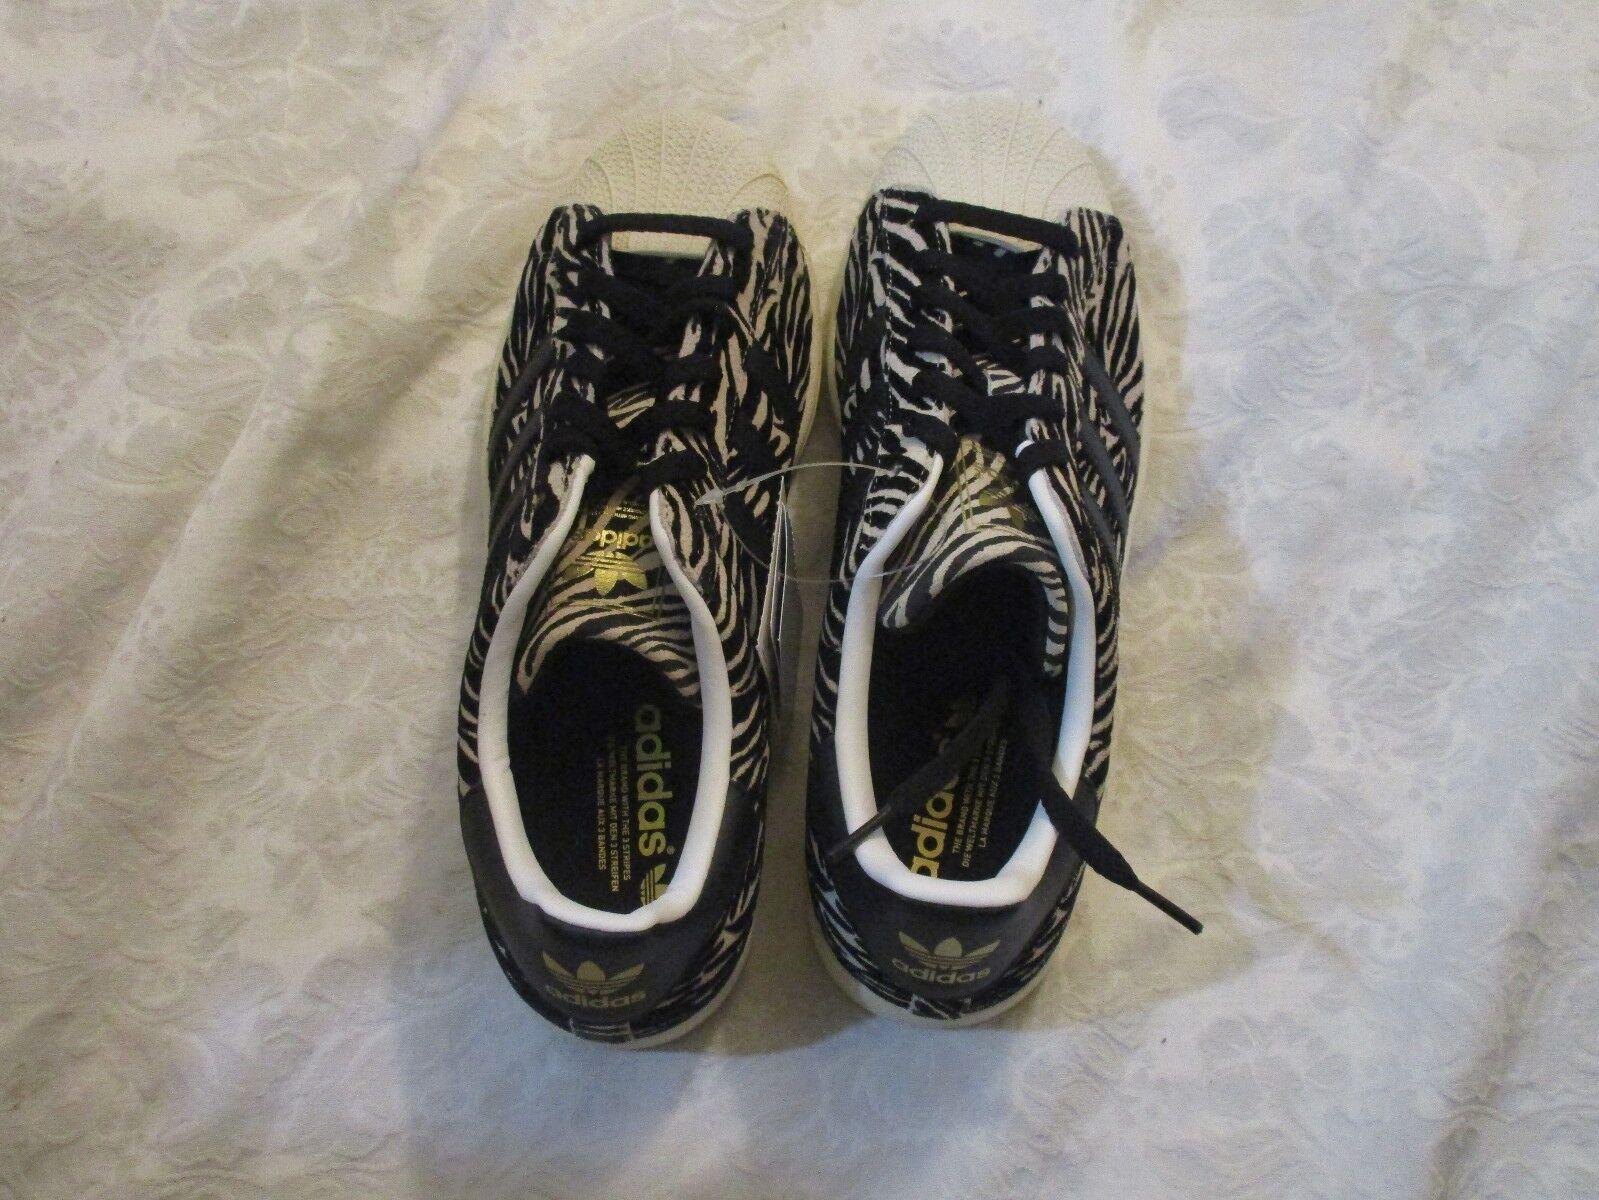 Adidas ff ss yng zebra originale lbone / größe schwarz1 / mtgold g28087 größe / 10,5 superstar 148bd2